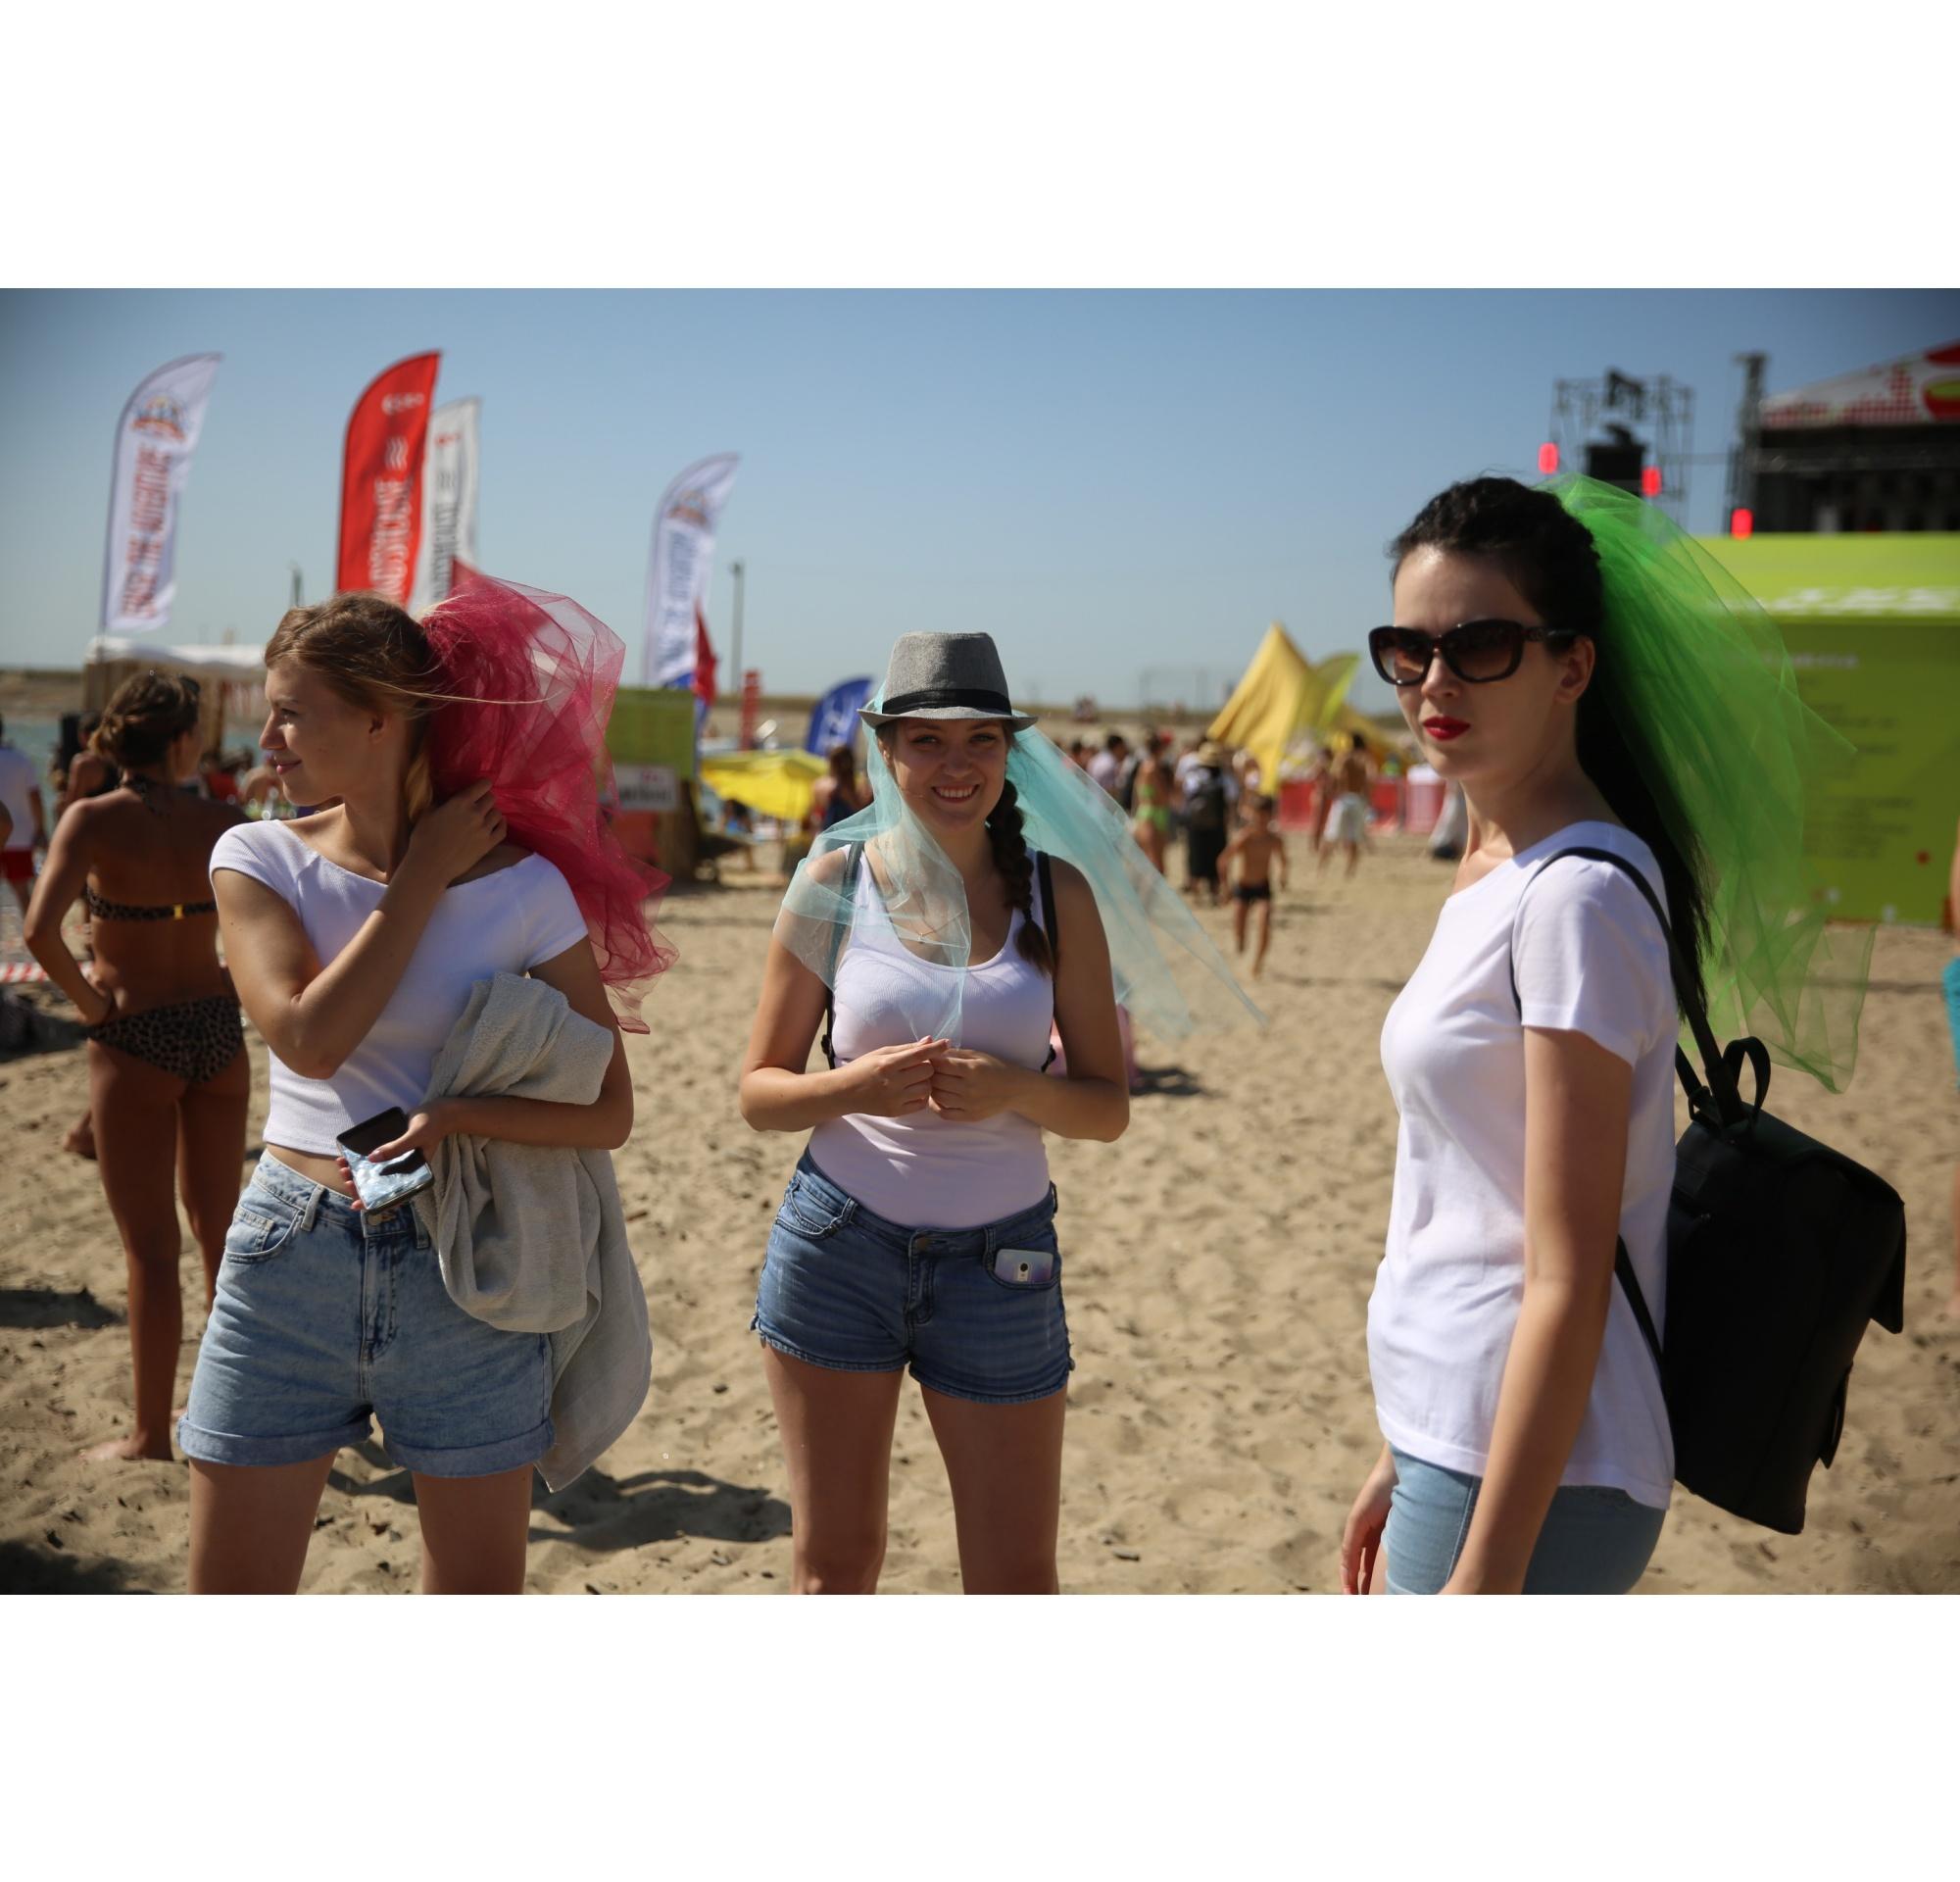 Если вы не знаете, где провести девичник, то берите на заметку: фестиваль«Электронный берег» является отличным местом для такого события